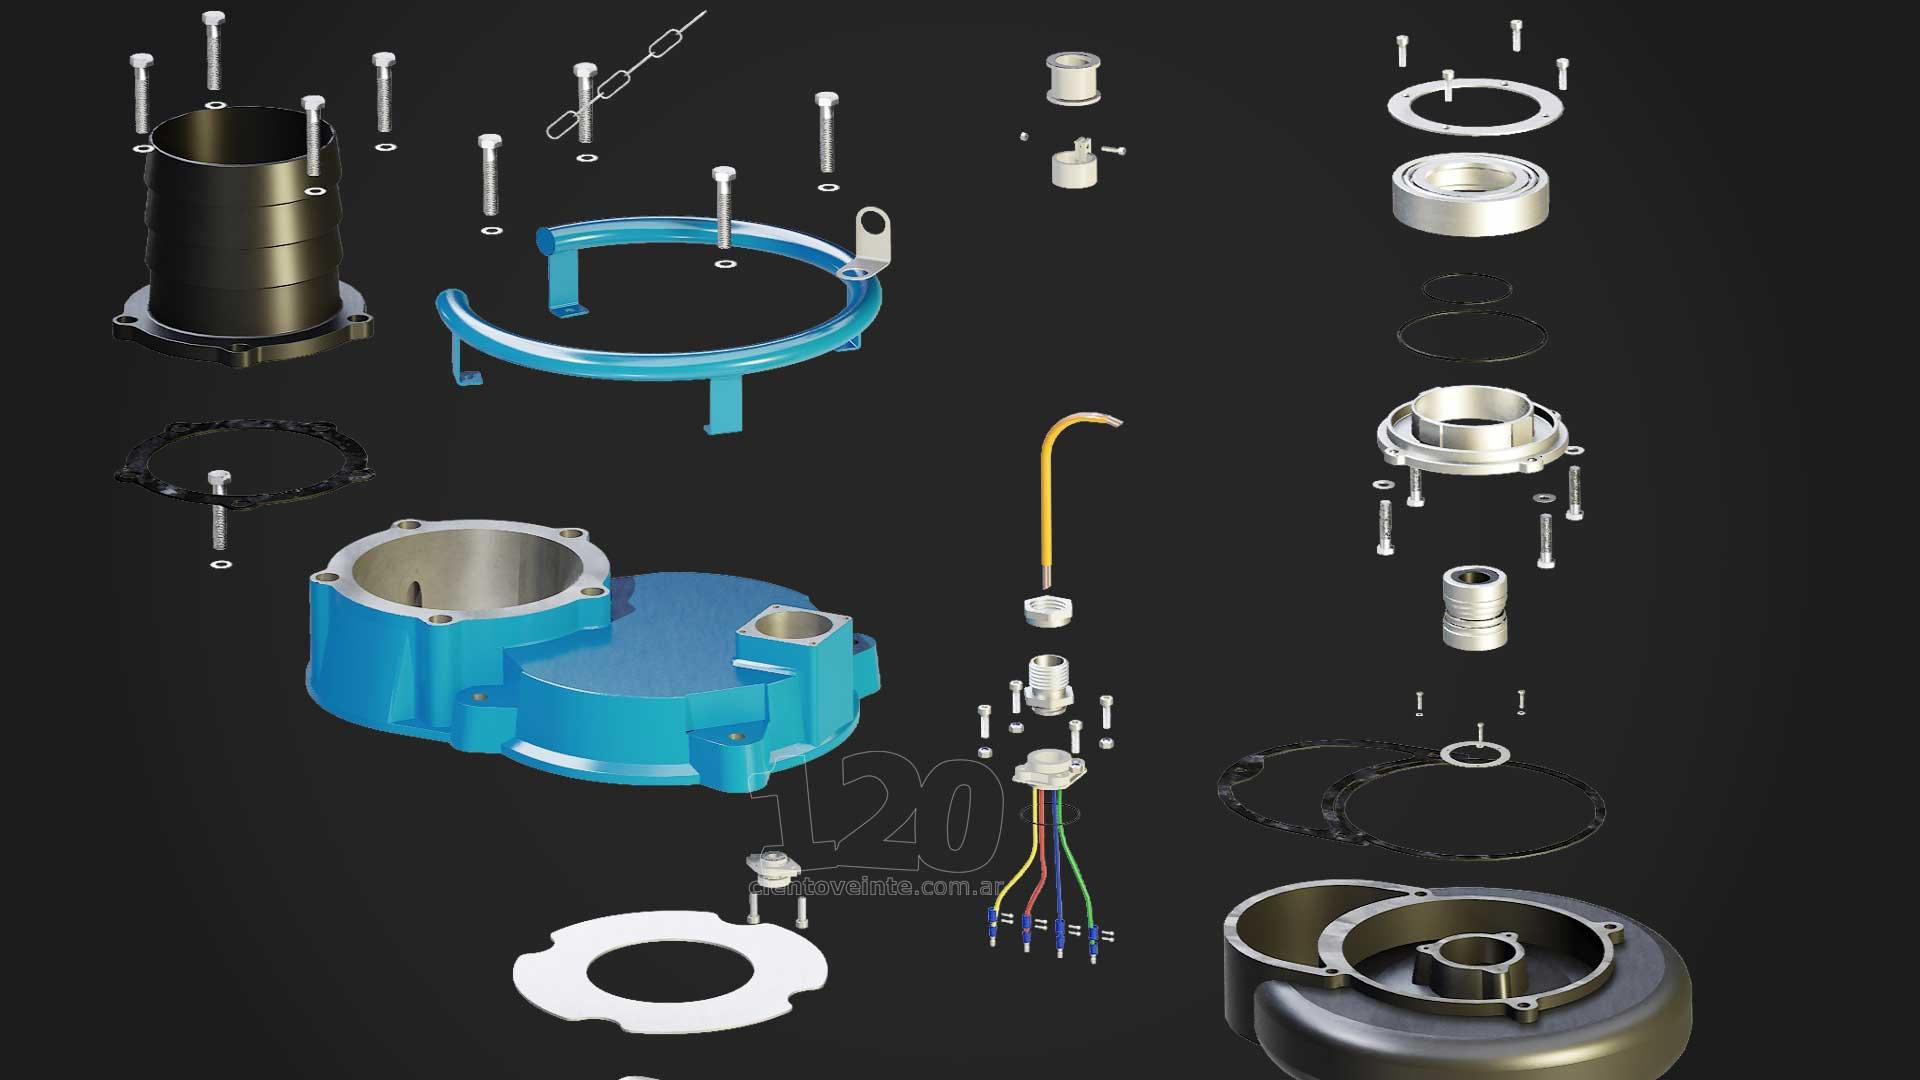 audex submersible pumps blow apart diagrams cientoveinte